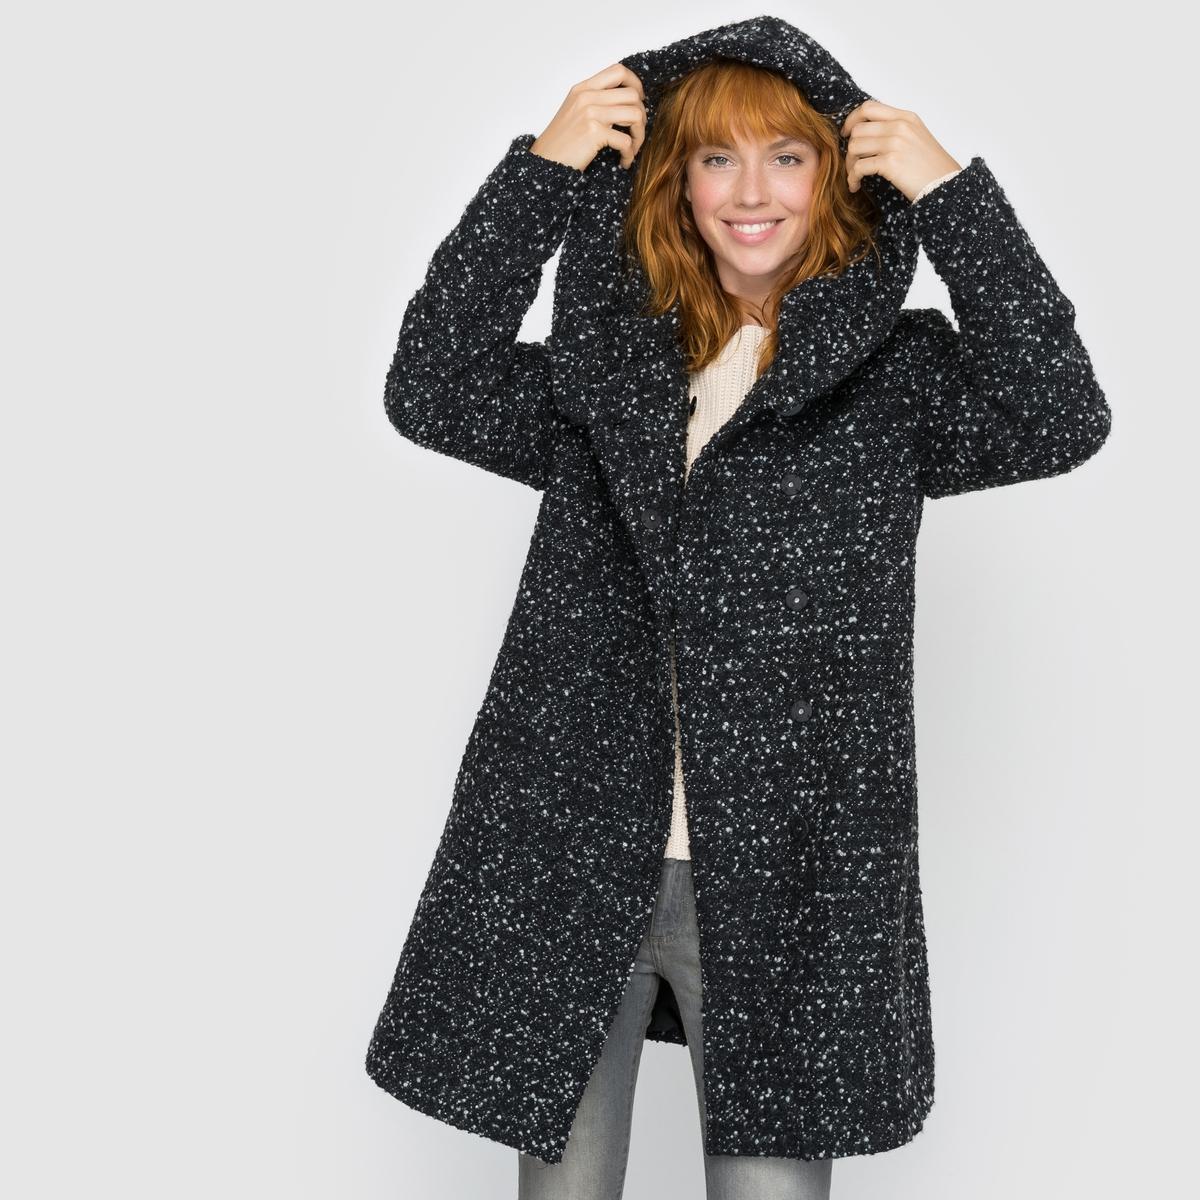 Пальто с капюшономОтличное оригинальное пальто с капюшоном из смесовой шерсти . Такое мягкое объемное пальто с большим капюшоном, что в него хочется укутаться и не снимать его !Детали •  Длина : средняя •  Капюшон •  Рисунок-принт • Застежка на пуговицы •  С капюшономСостав и уход •  35% шерсти, 65% полиэстера •  Следуйте рекомендациям по уходу, указанным на этикетке изделия<br><br>Цвет: черный меланж<br>Размер: S.XS.L